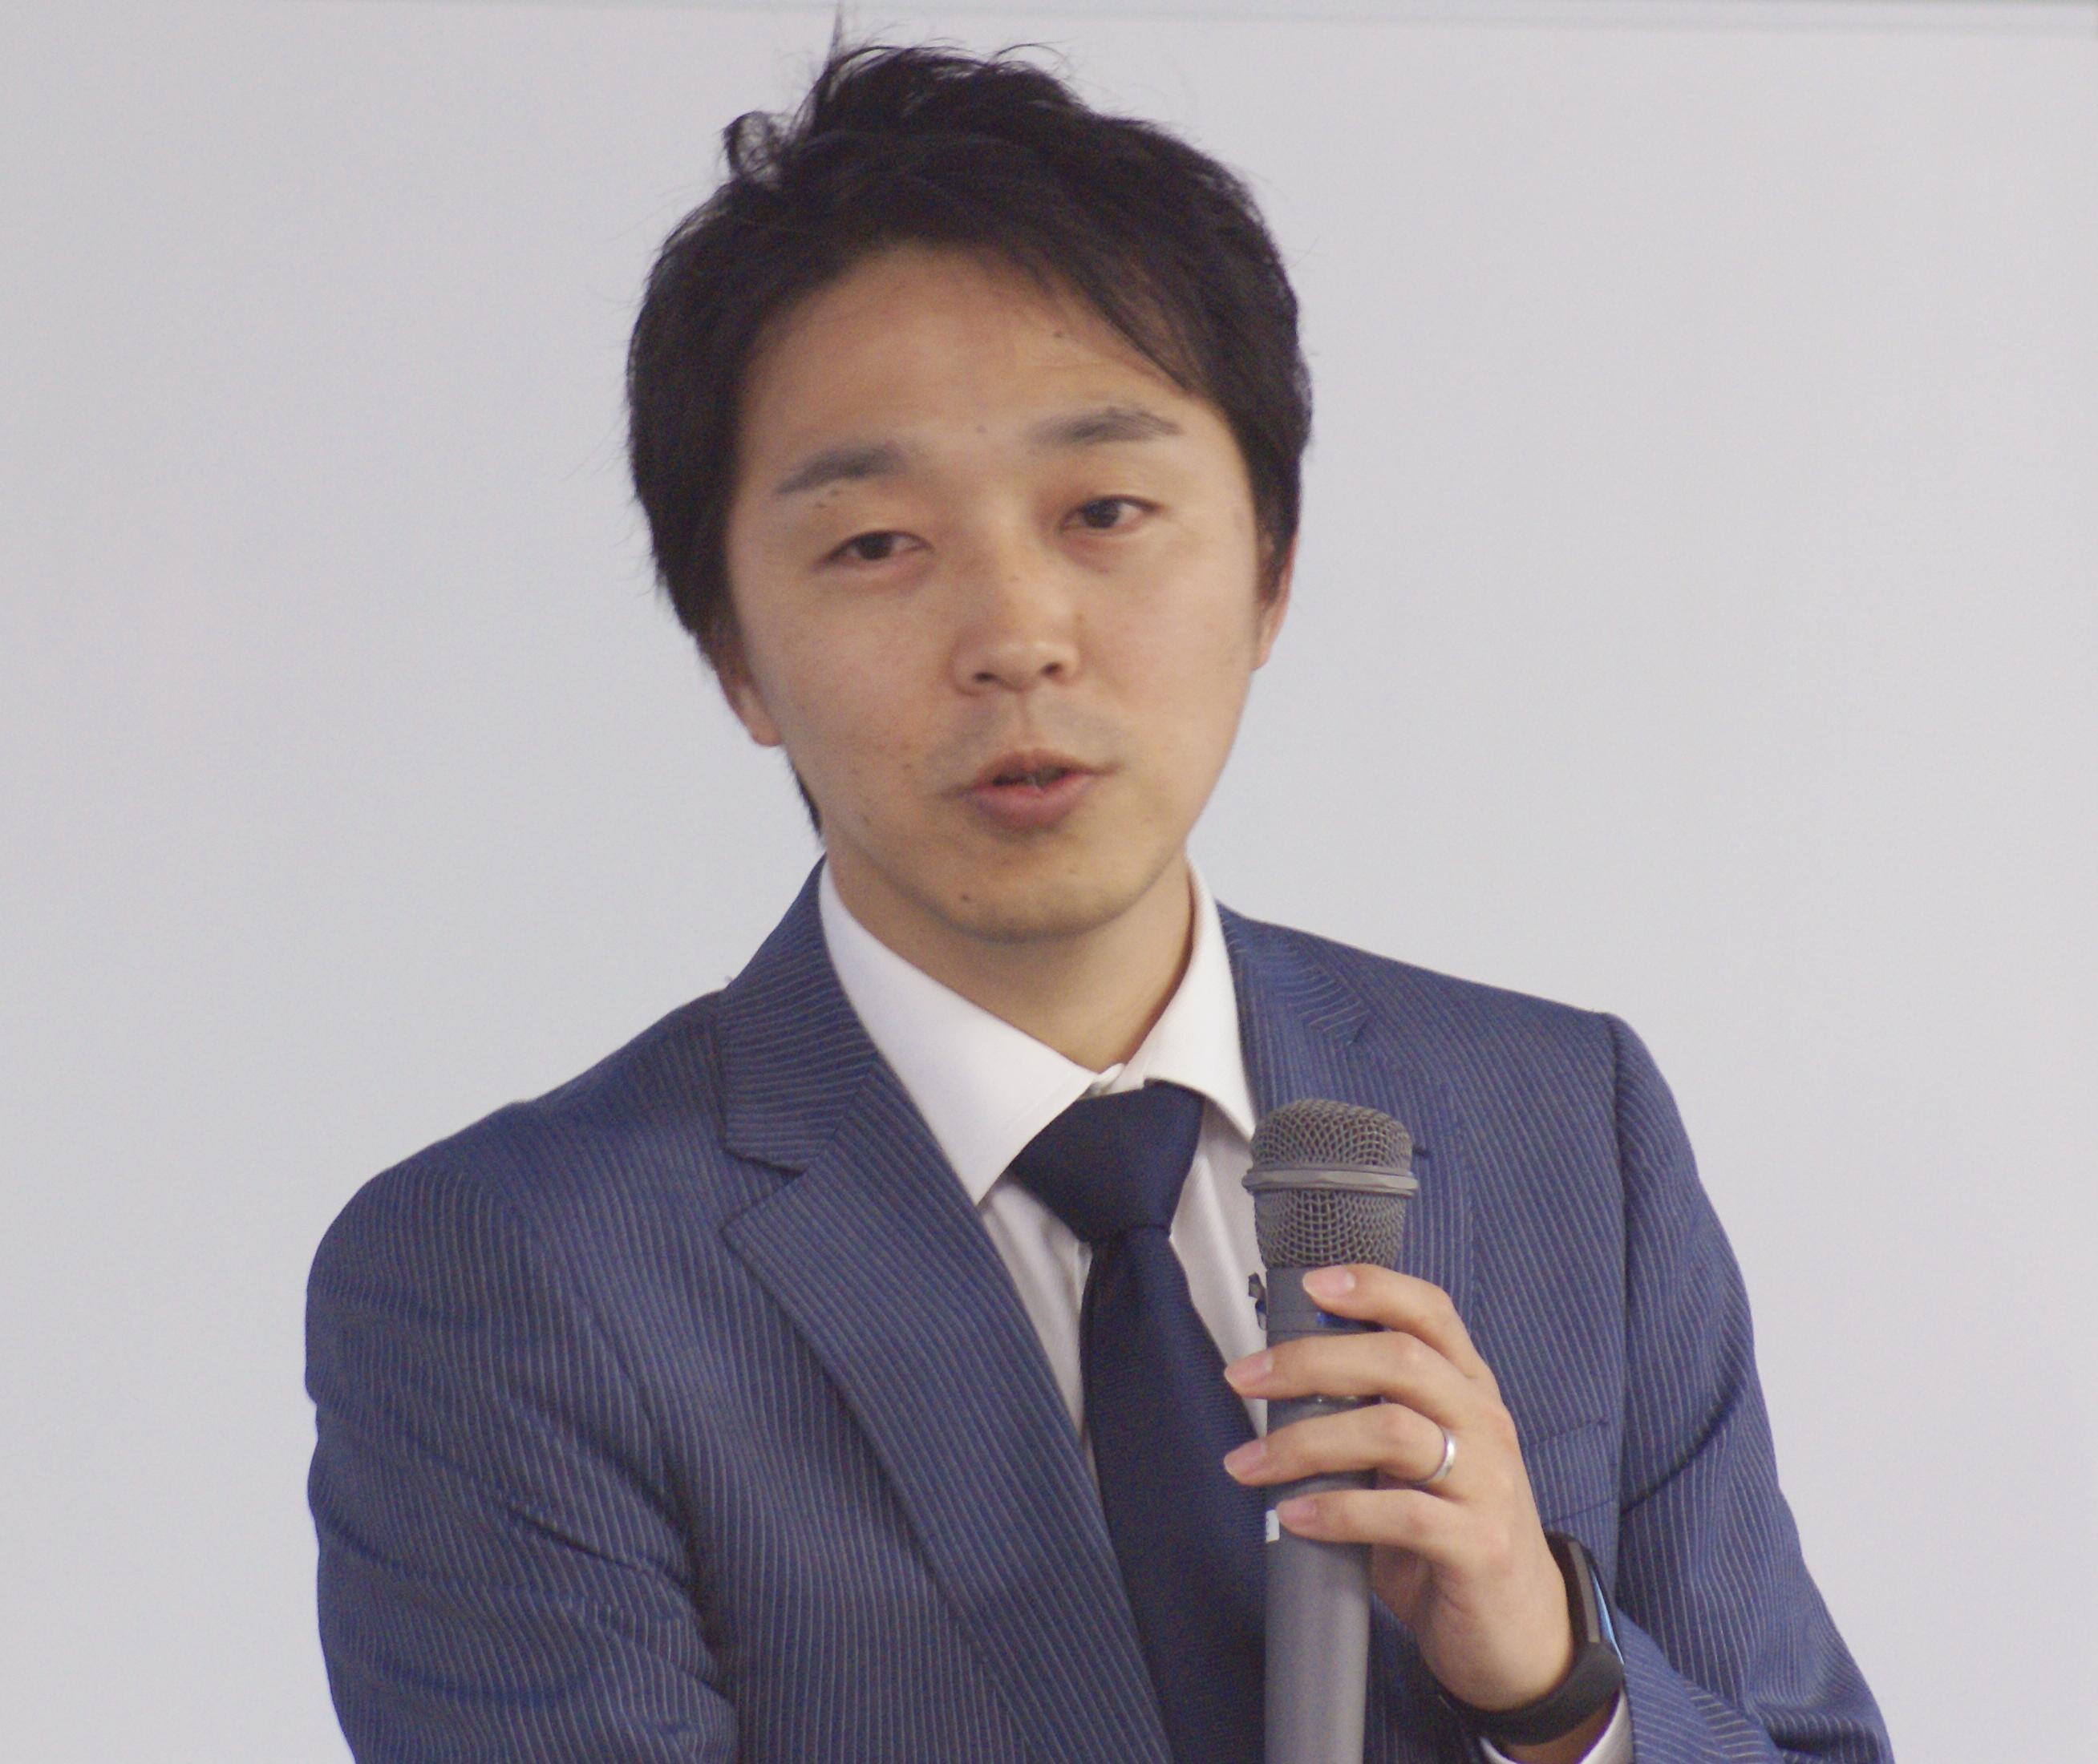 アディッシュ株式会社 フロントサポート事業部 事業部長 大西 直輝